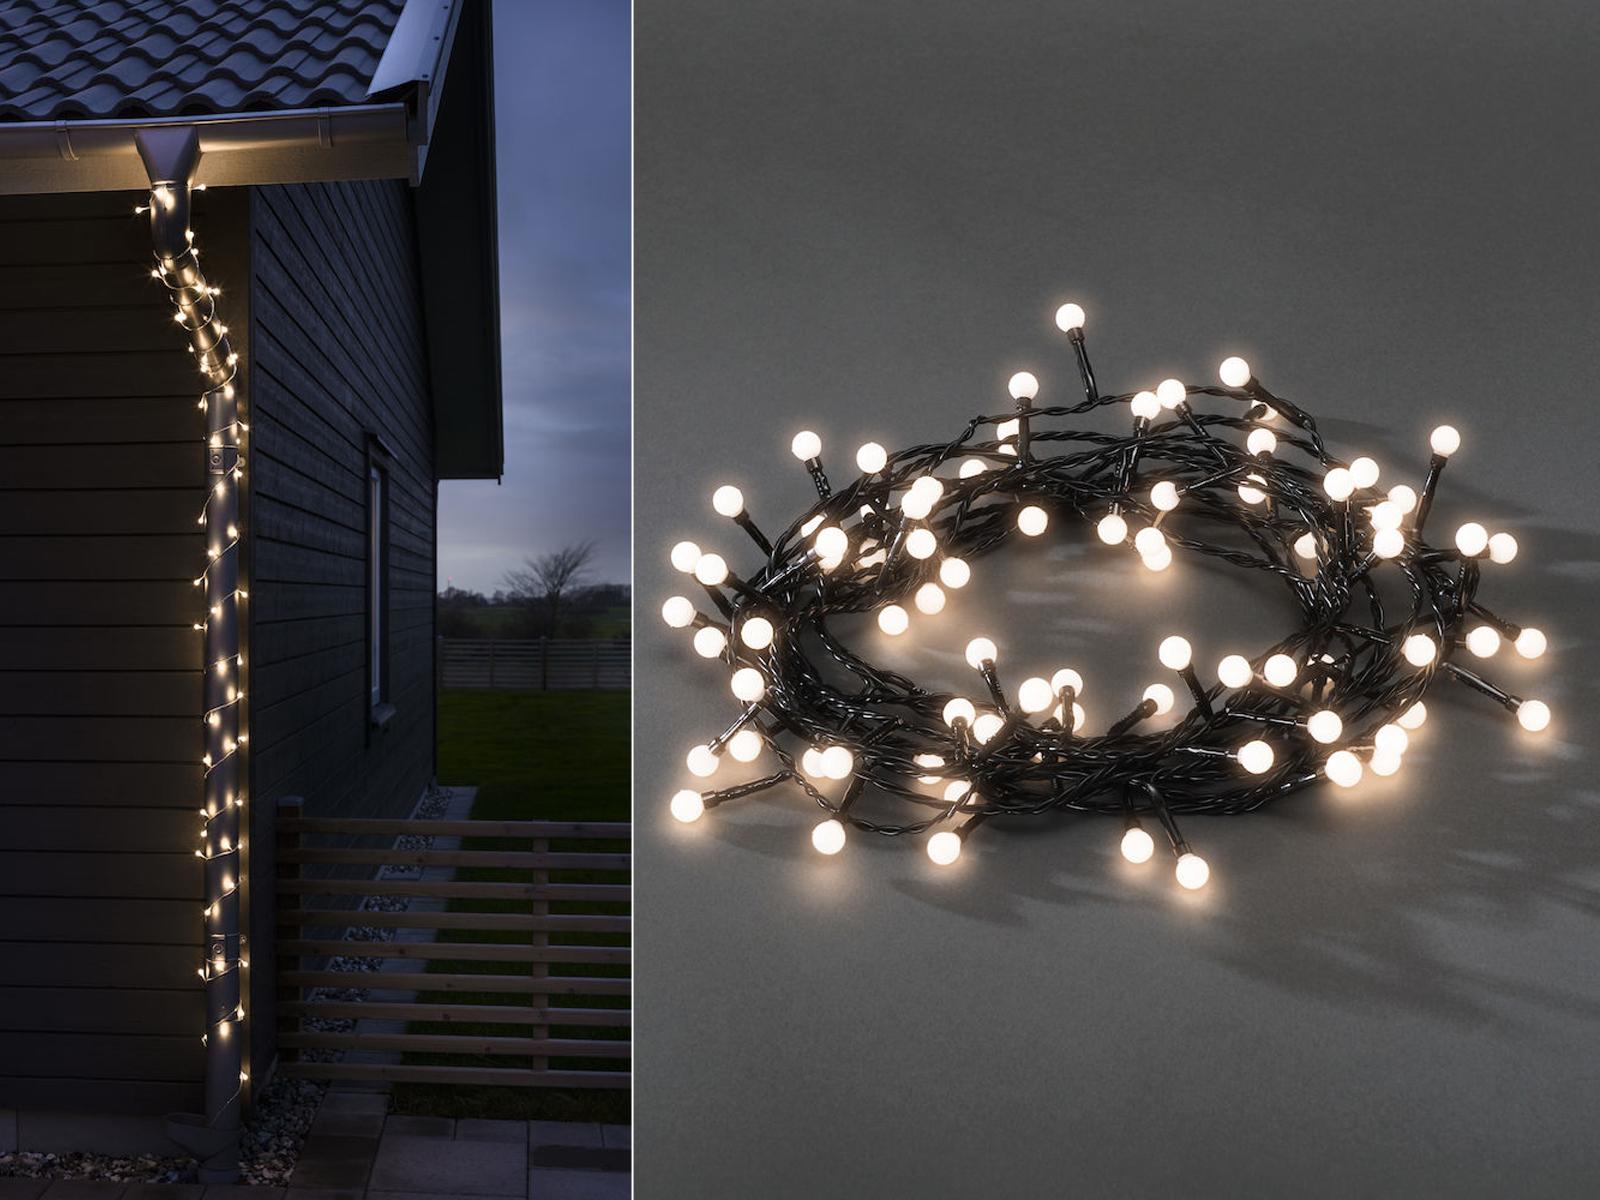 LED Globelichterkette 80 LEDs 9h Timer 24V Außentrafo IP44 Lichterkette Lichterkette Lichterkette außen   Verschiedene Arten und Stile  713cc7